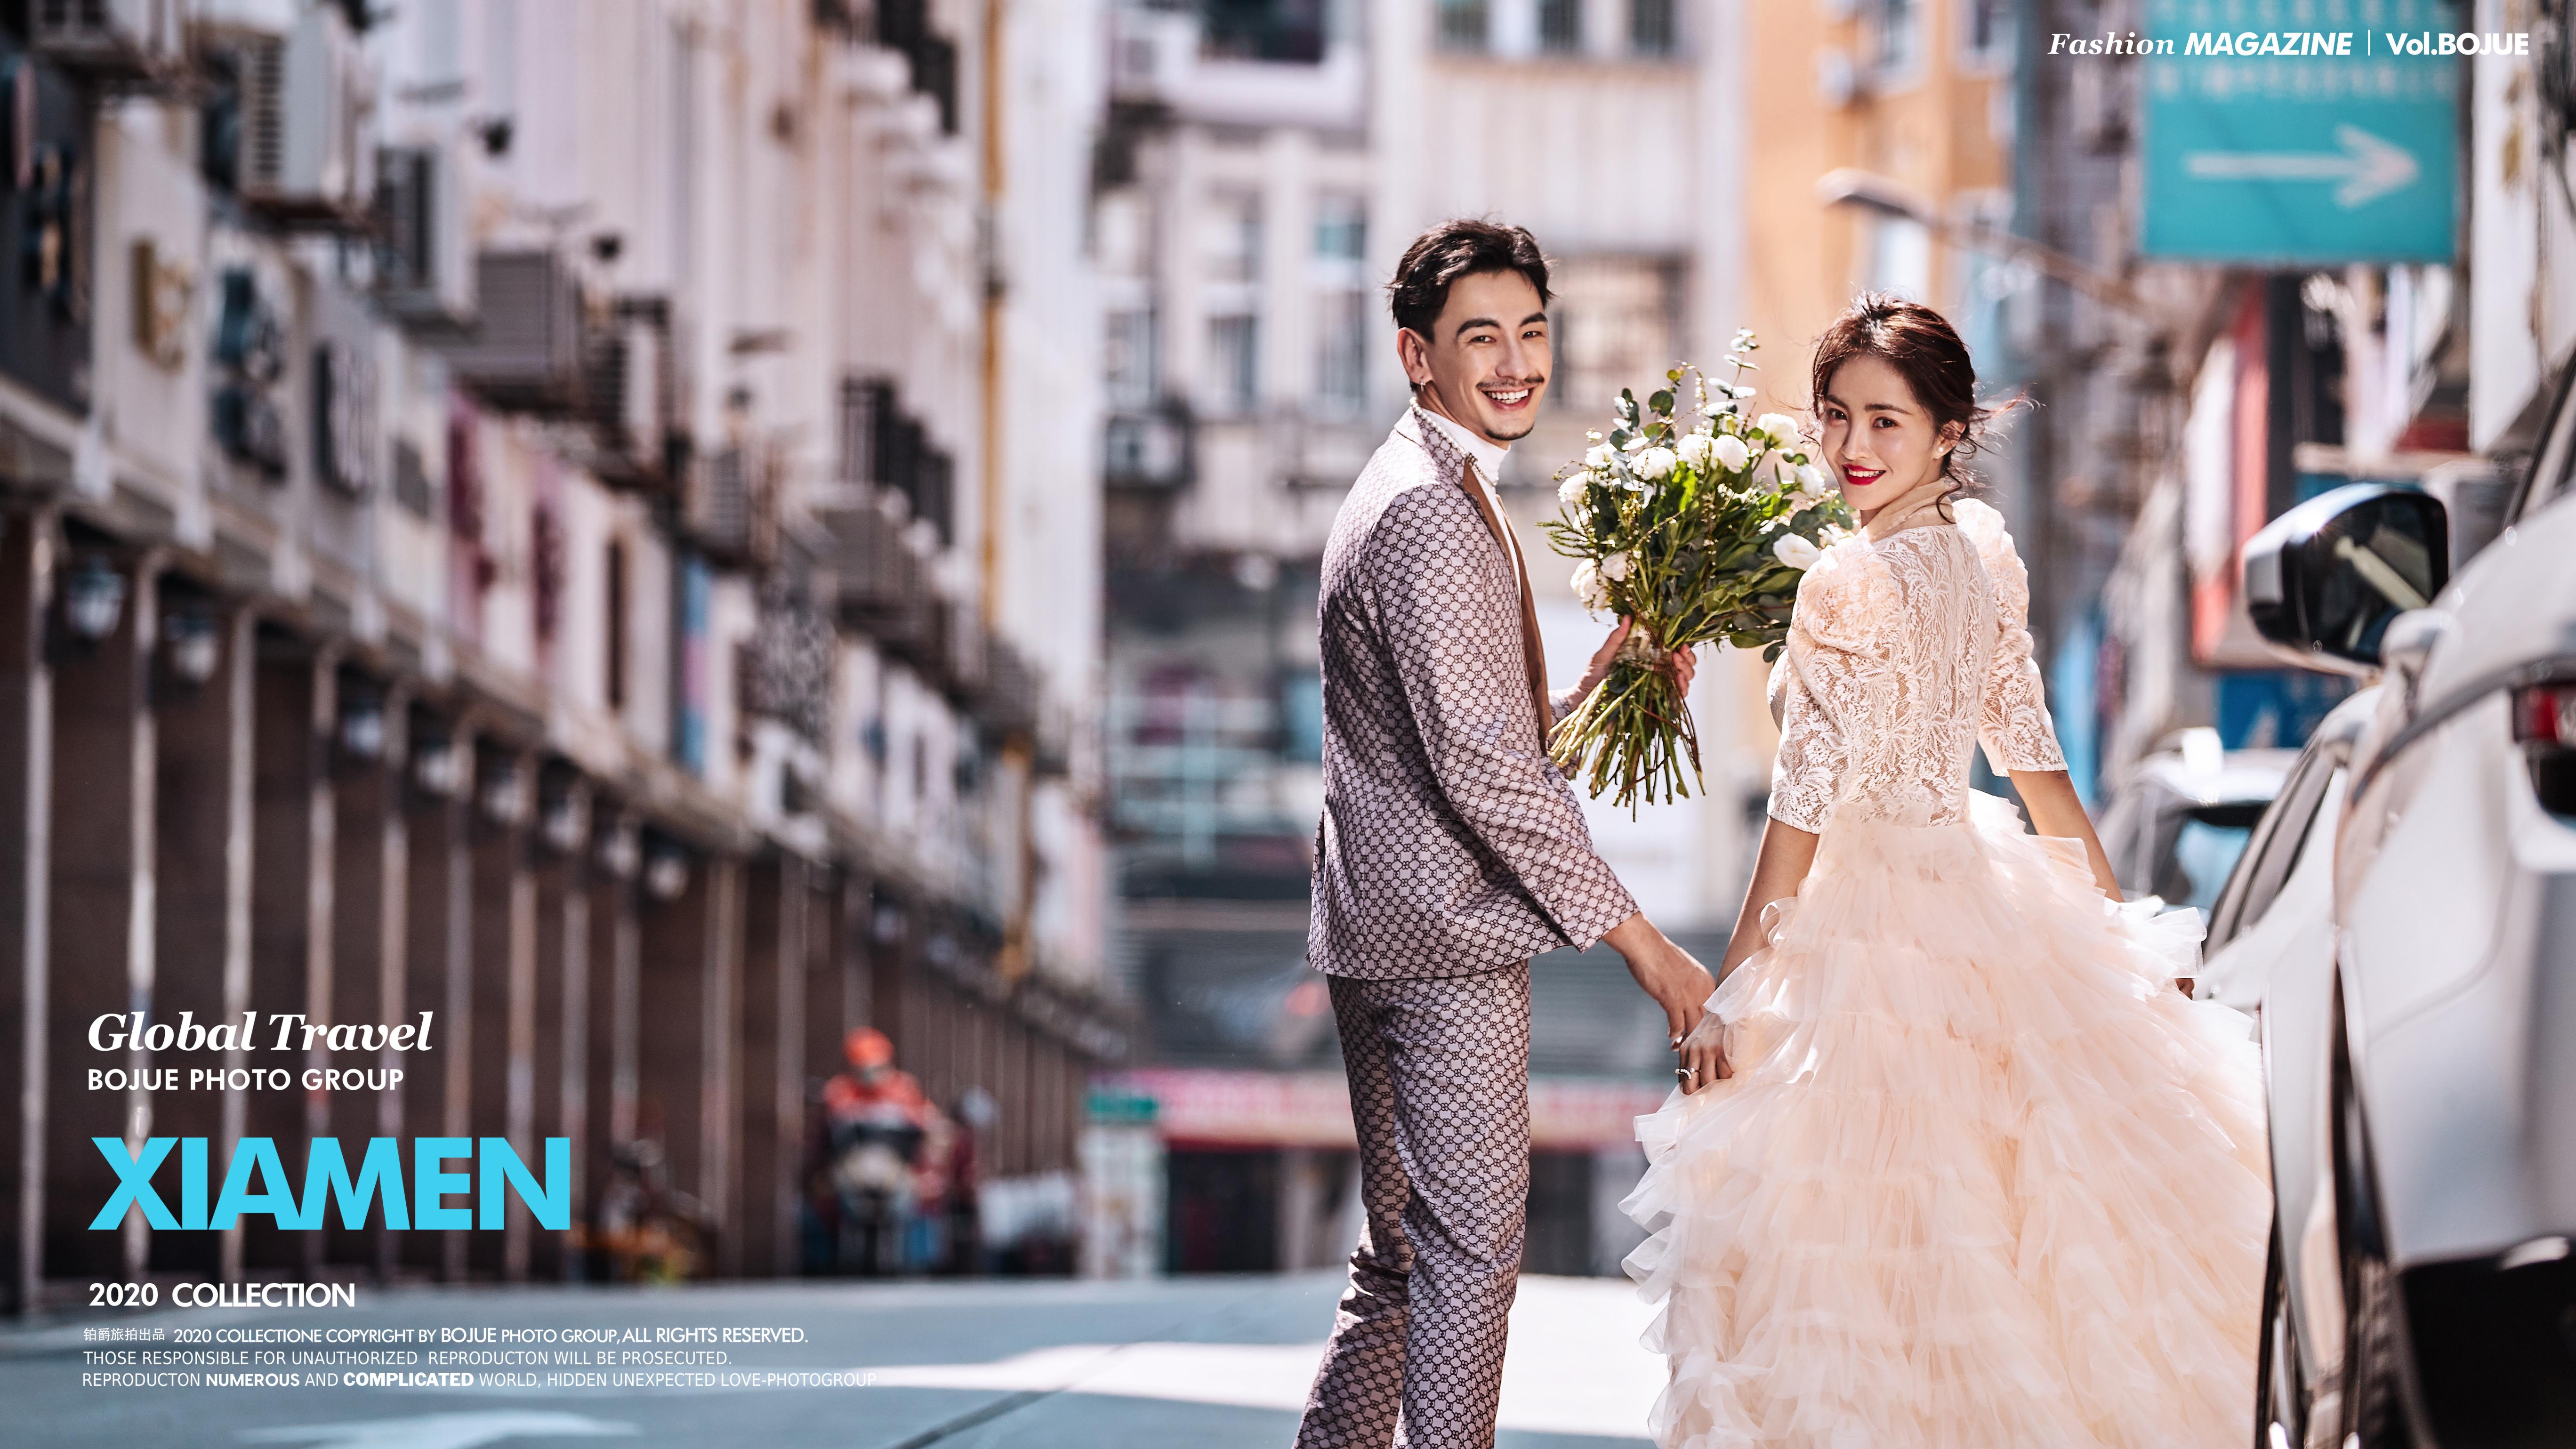 厦门婚纱照怎么选择最适合自己的拍摄风格?有哪些景点可以拍摄?